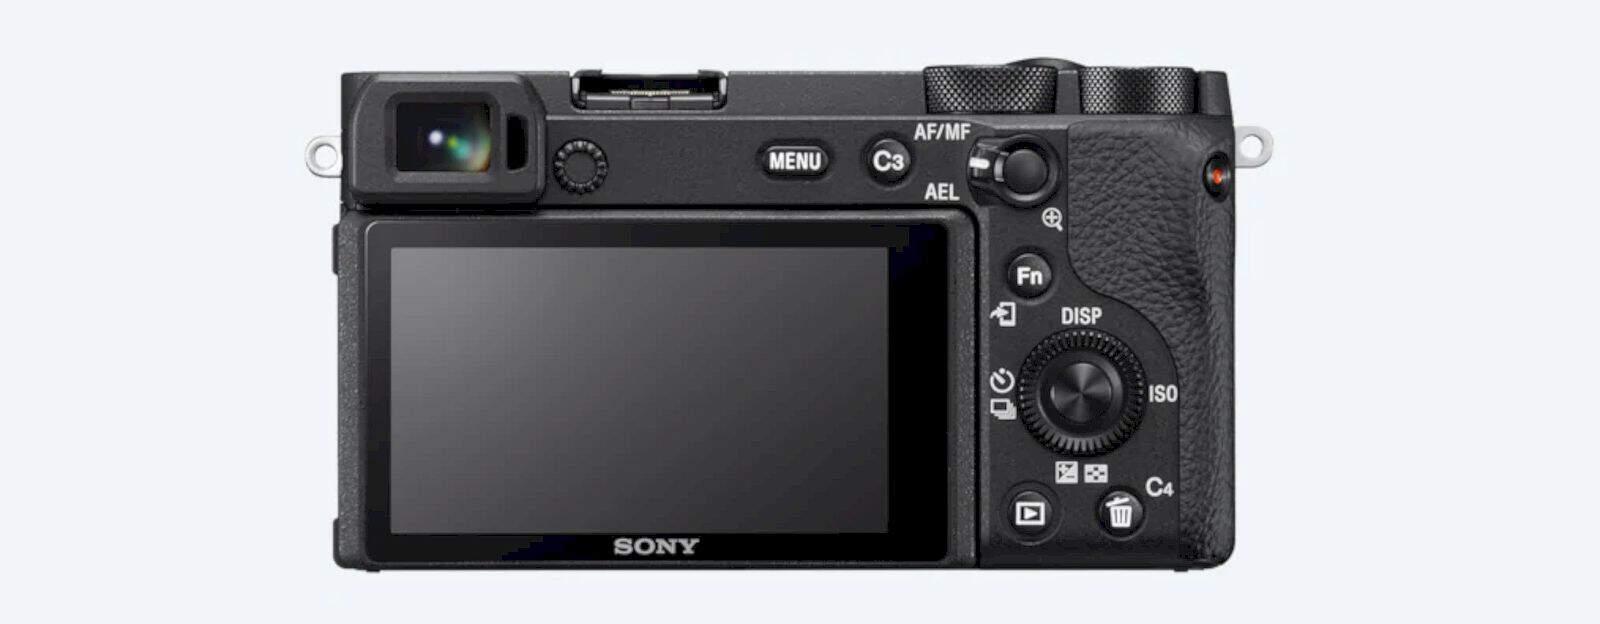 Sony α6600 Aps C Camera 1